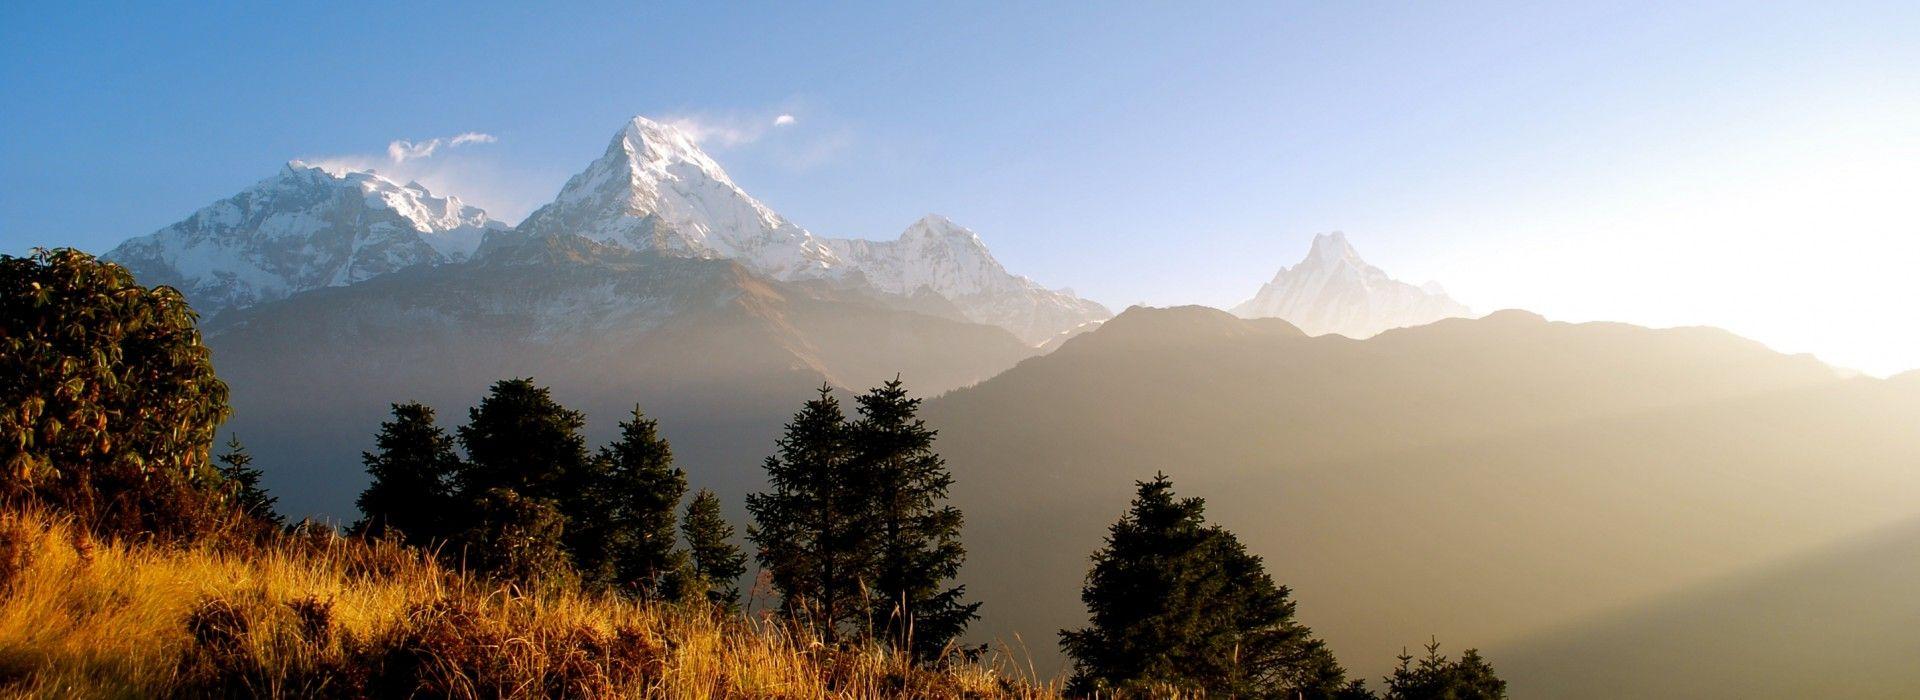 Adventure and sport Tours in Mera Peak